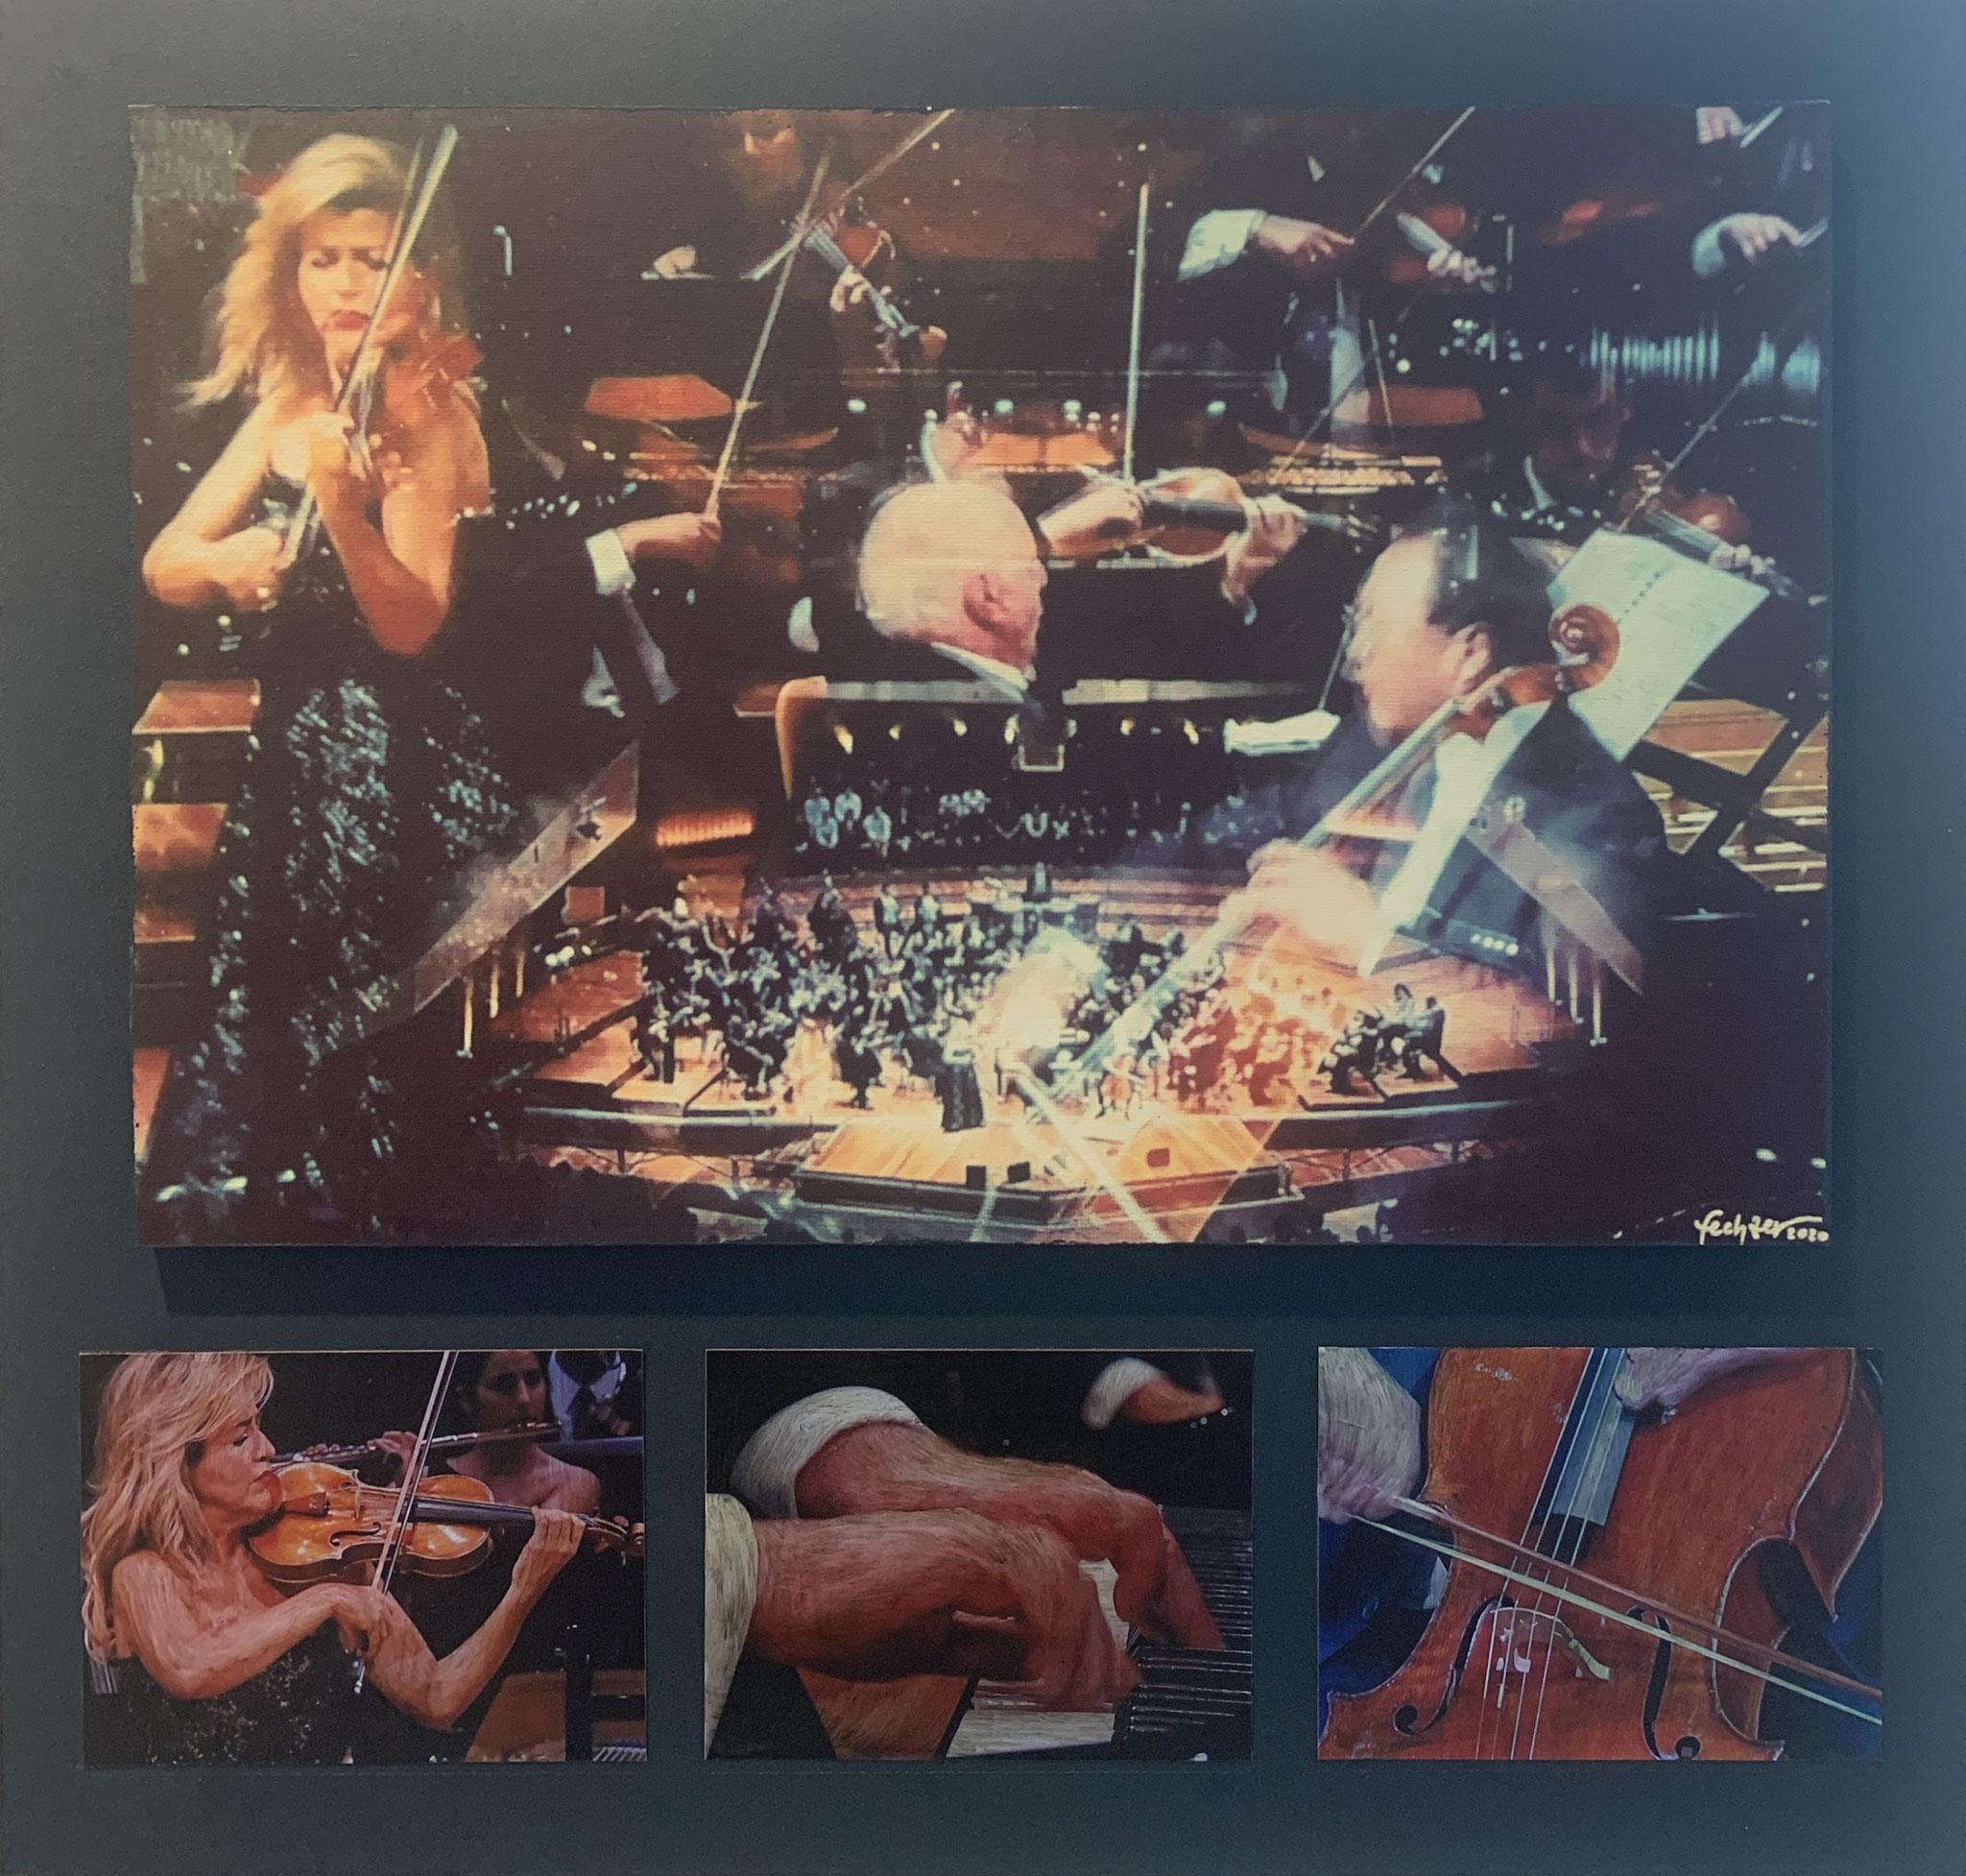 35. Eric E. Fechter, Beethoven 250, Fotografie auf Leinwand mit Fotografien in Ölfarbe, 450 x 470, 2020